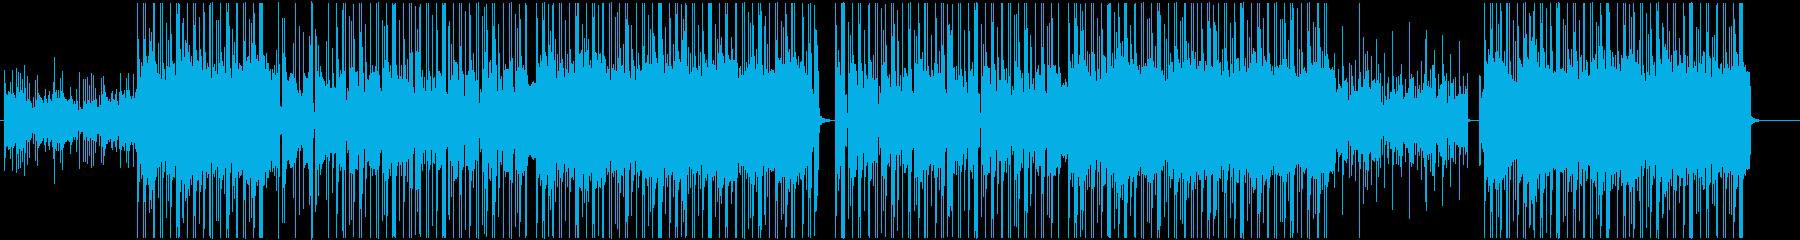 和、オリエンタルトラップソウル、R&B♫の再生済みの波形